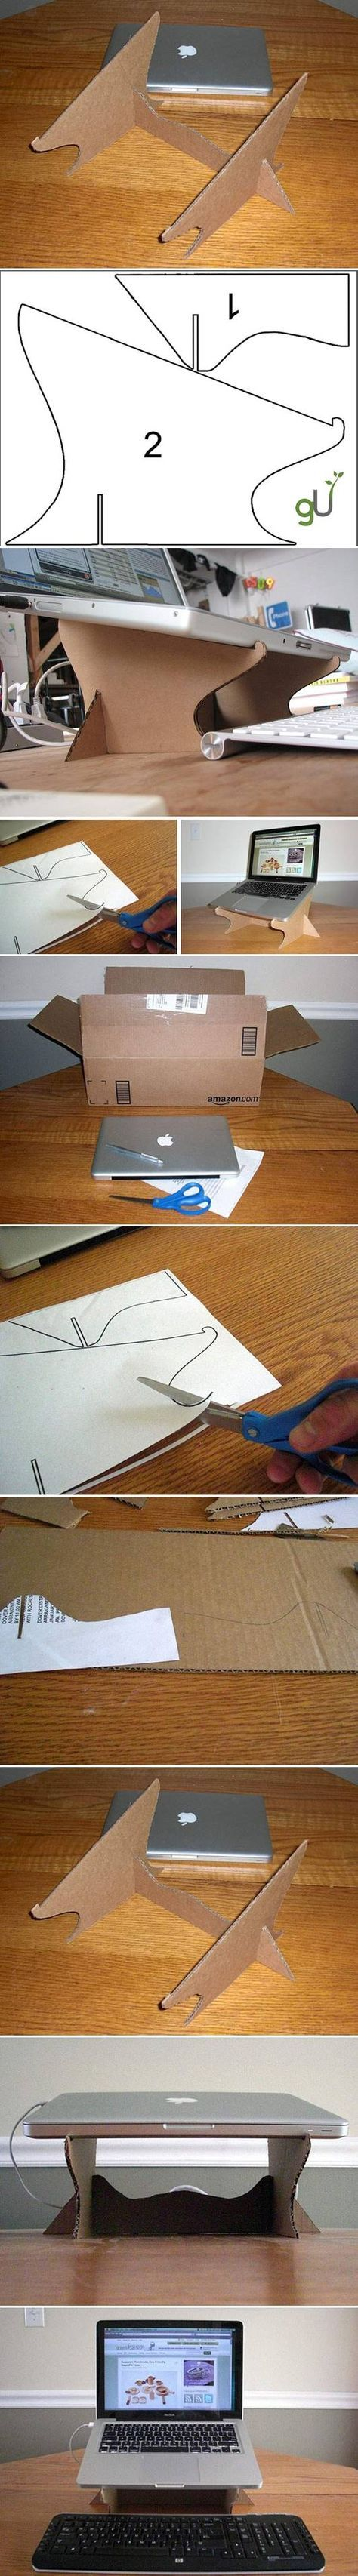 huuu... base para laptop